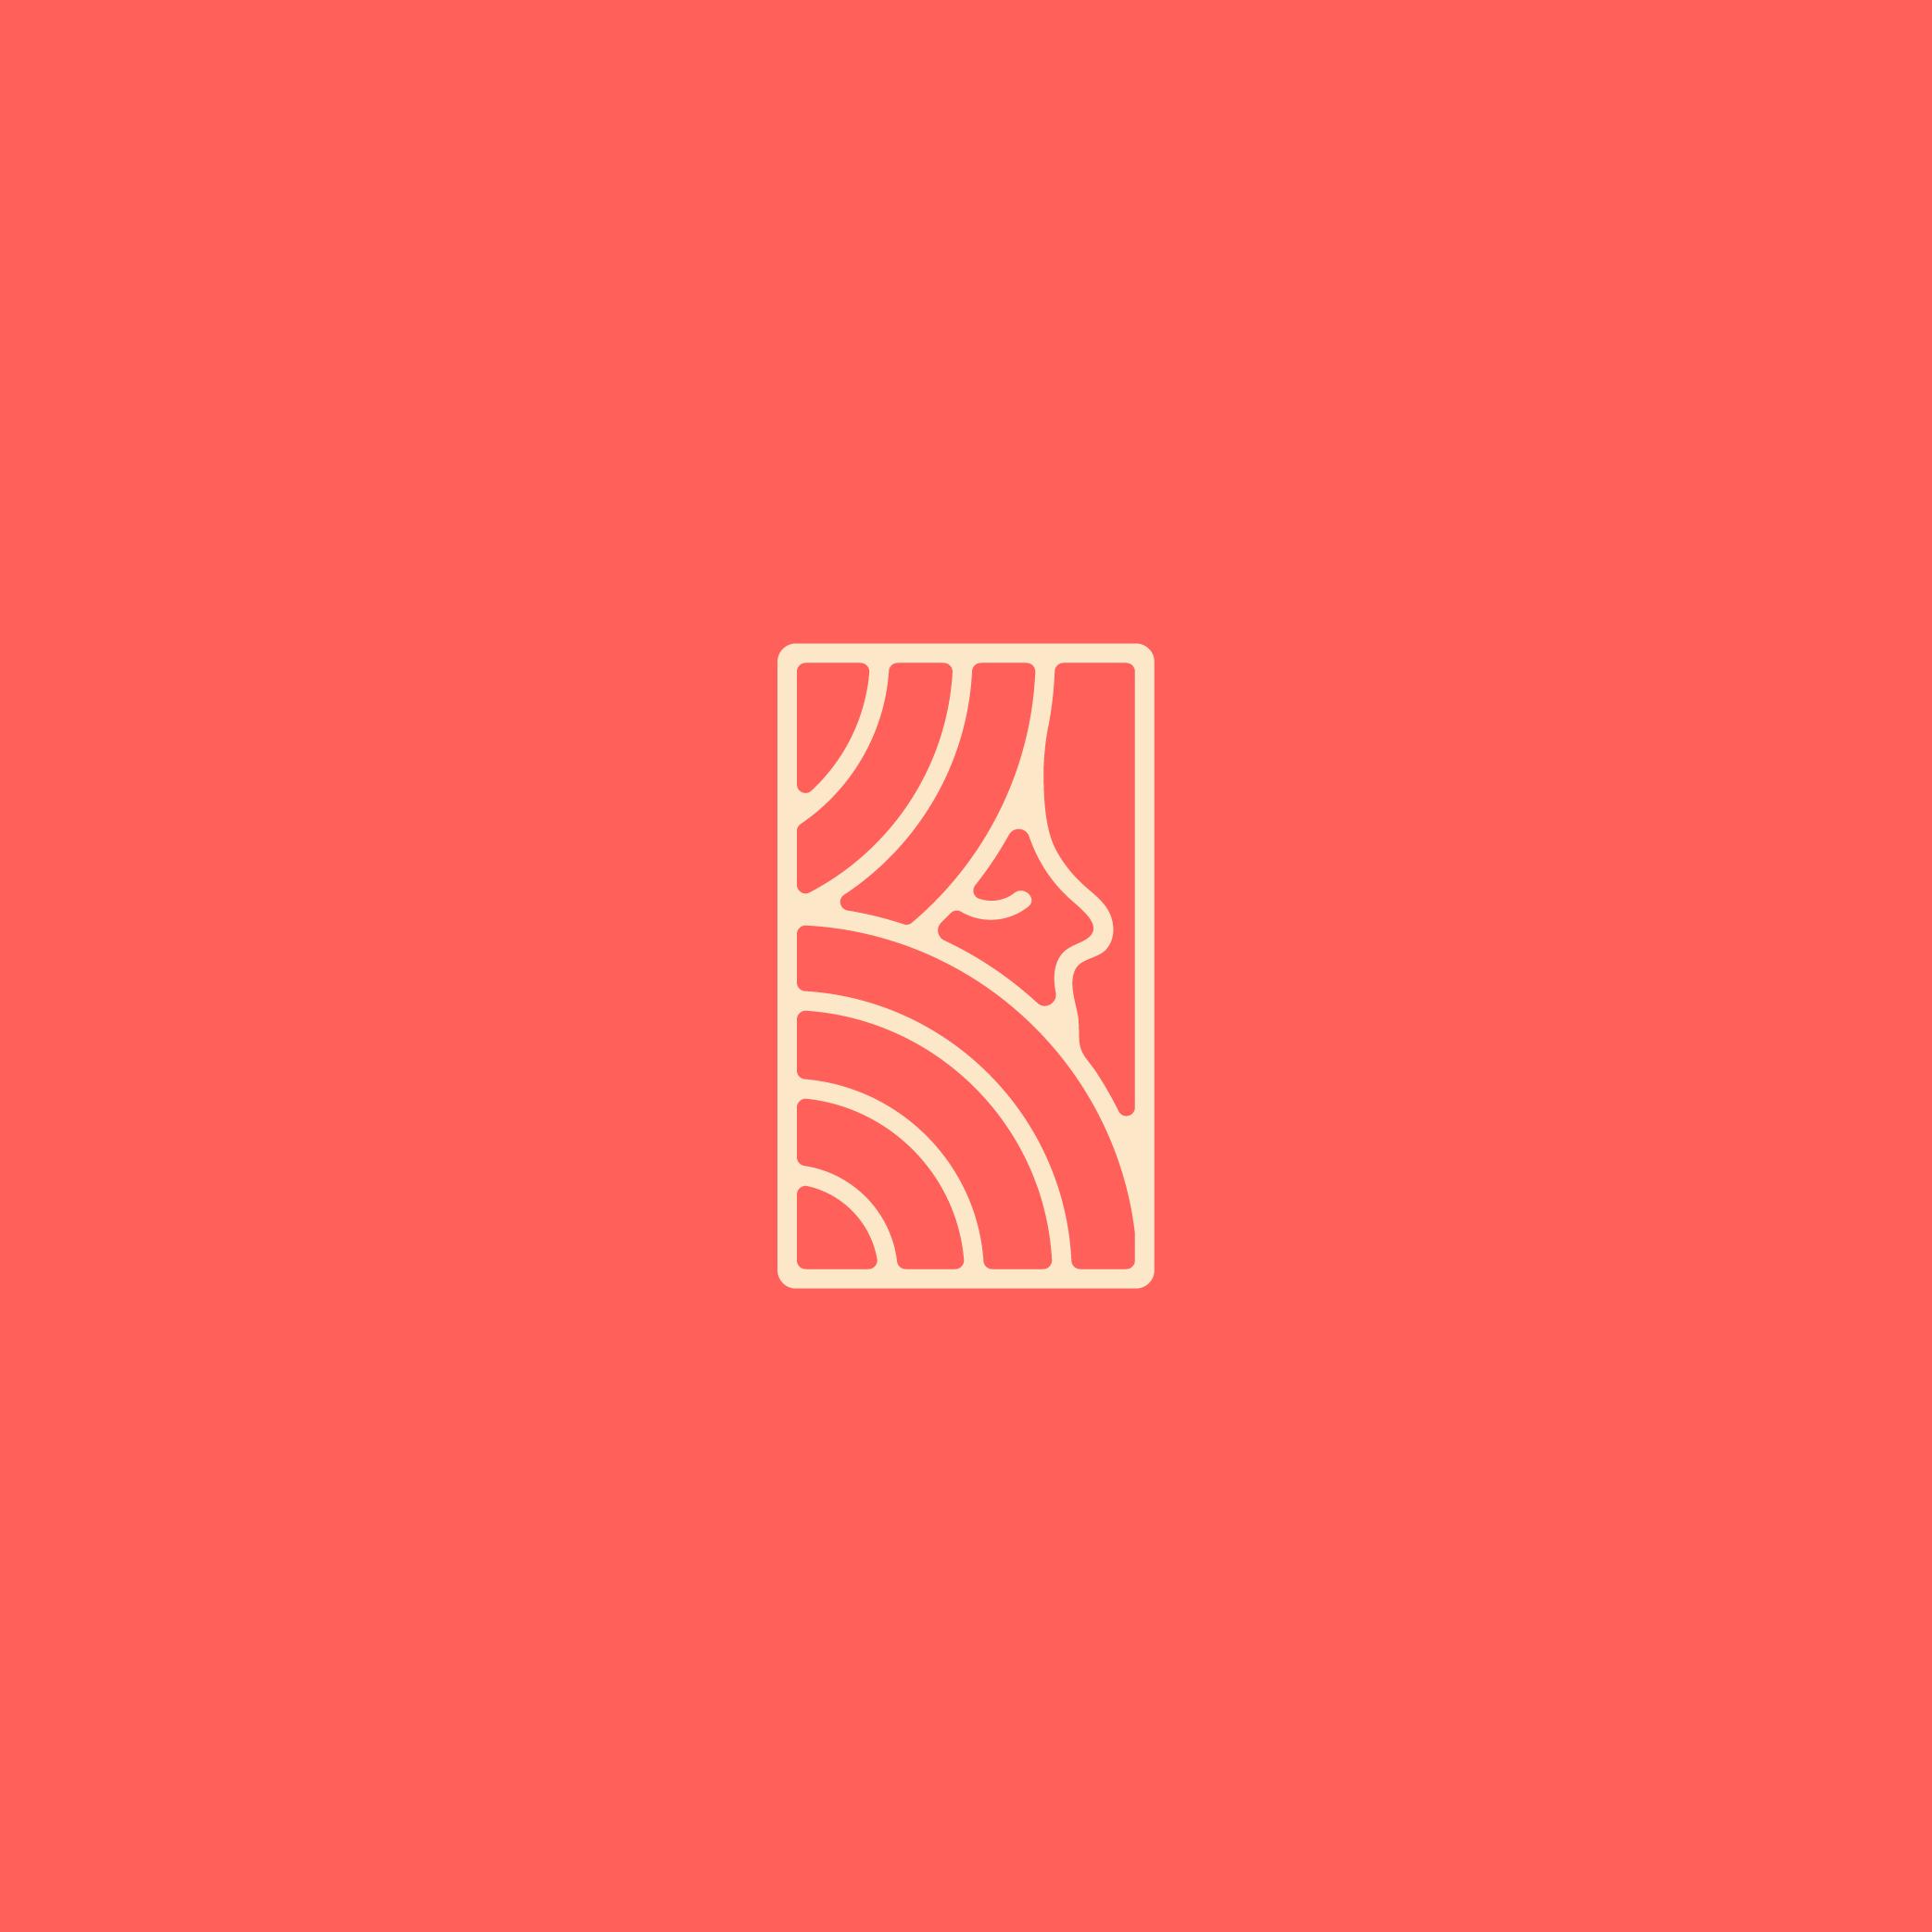 unused logo design